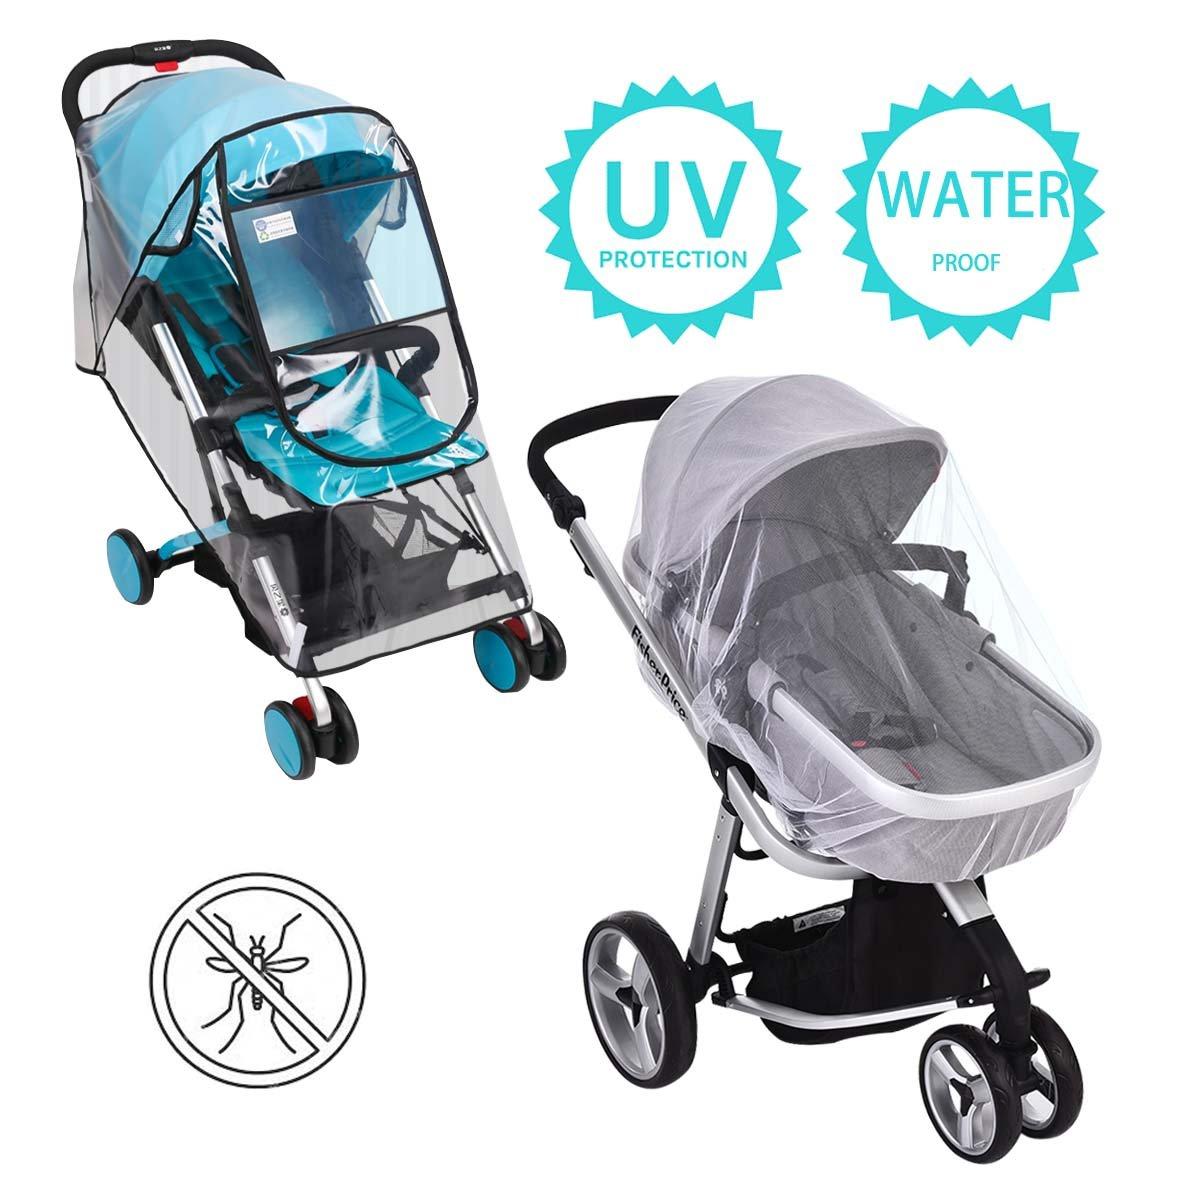 Rain Cover for Stroller - Mosquito Net - Hombae Stroller rain Cover - Plastic Stroller Cover Rain - Umbrella Stroller 2 Pack